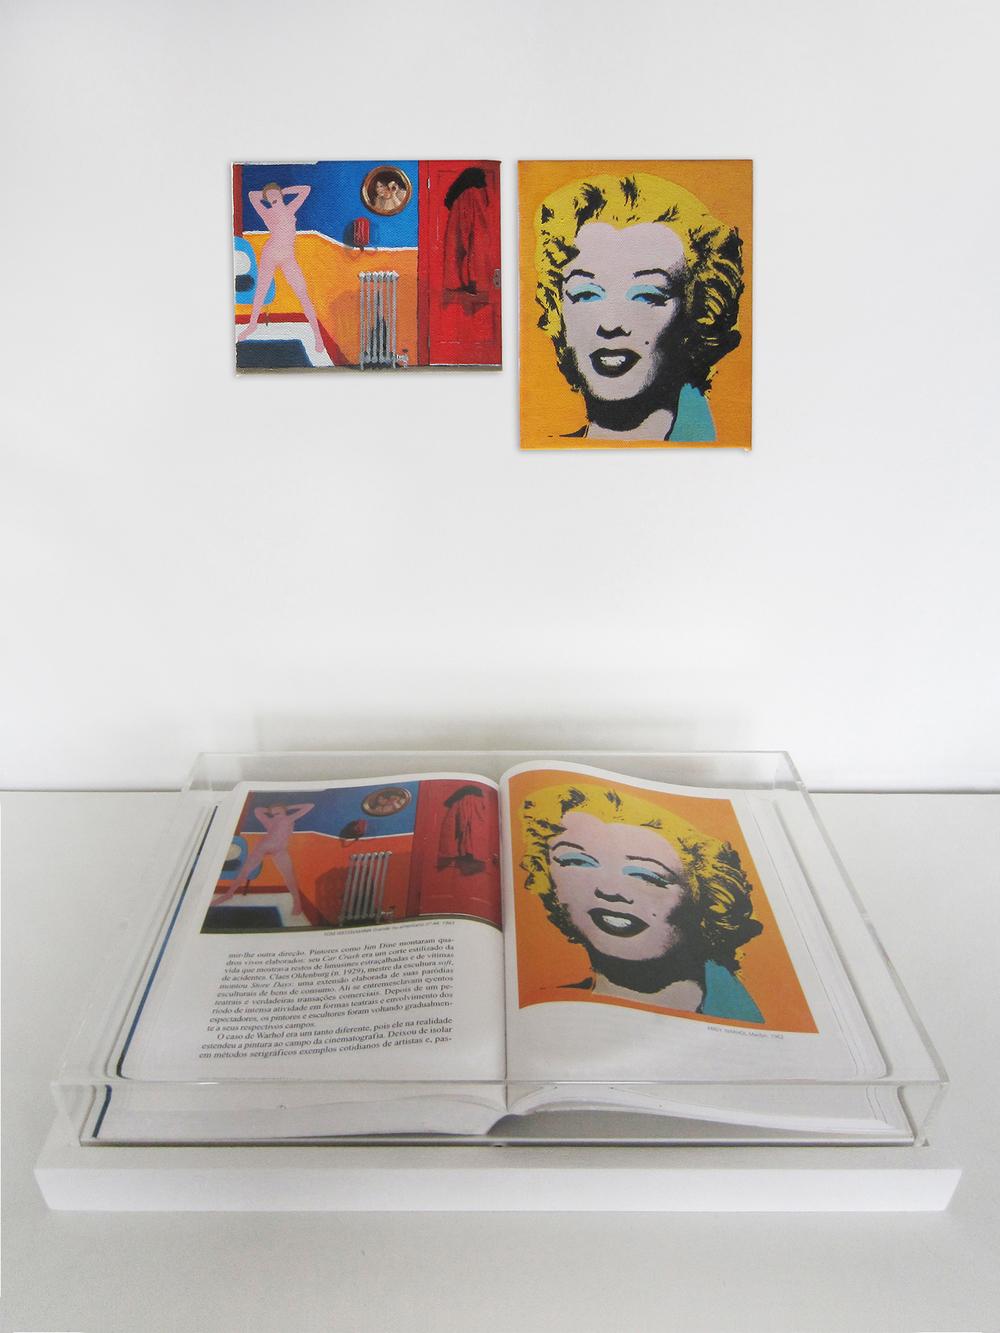 Páginas sem número (Série Foi Assim Que Me Ensinaram) •2012 •Livro emoldurado, óleo sobre tela •23,5 x 34,7 cm (livro), 11 x 14 cm, 16 x 13,3 cm